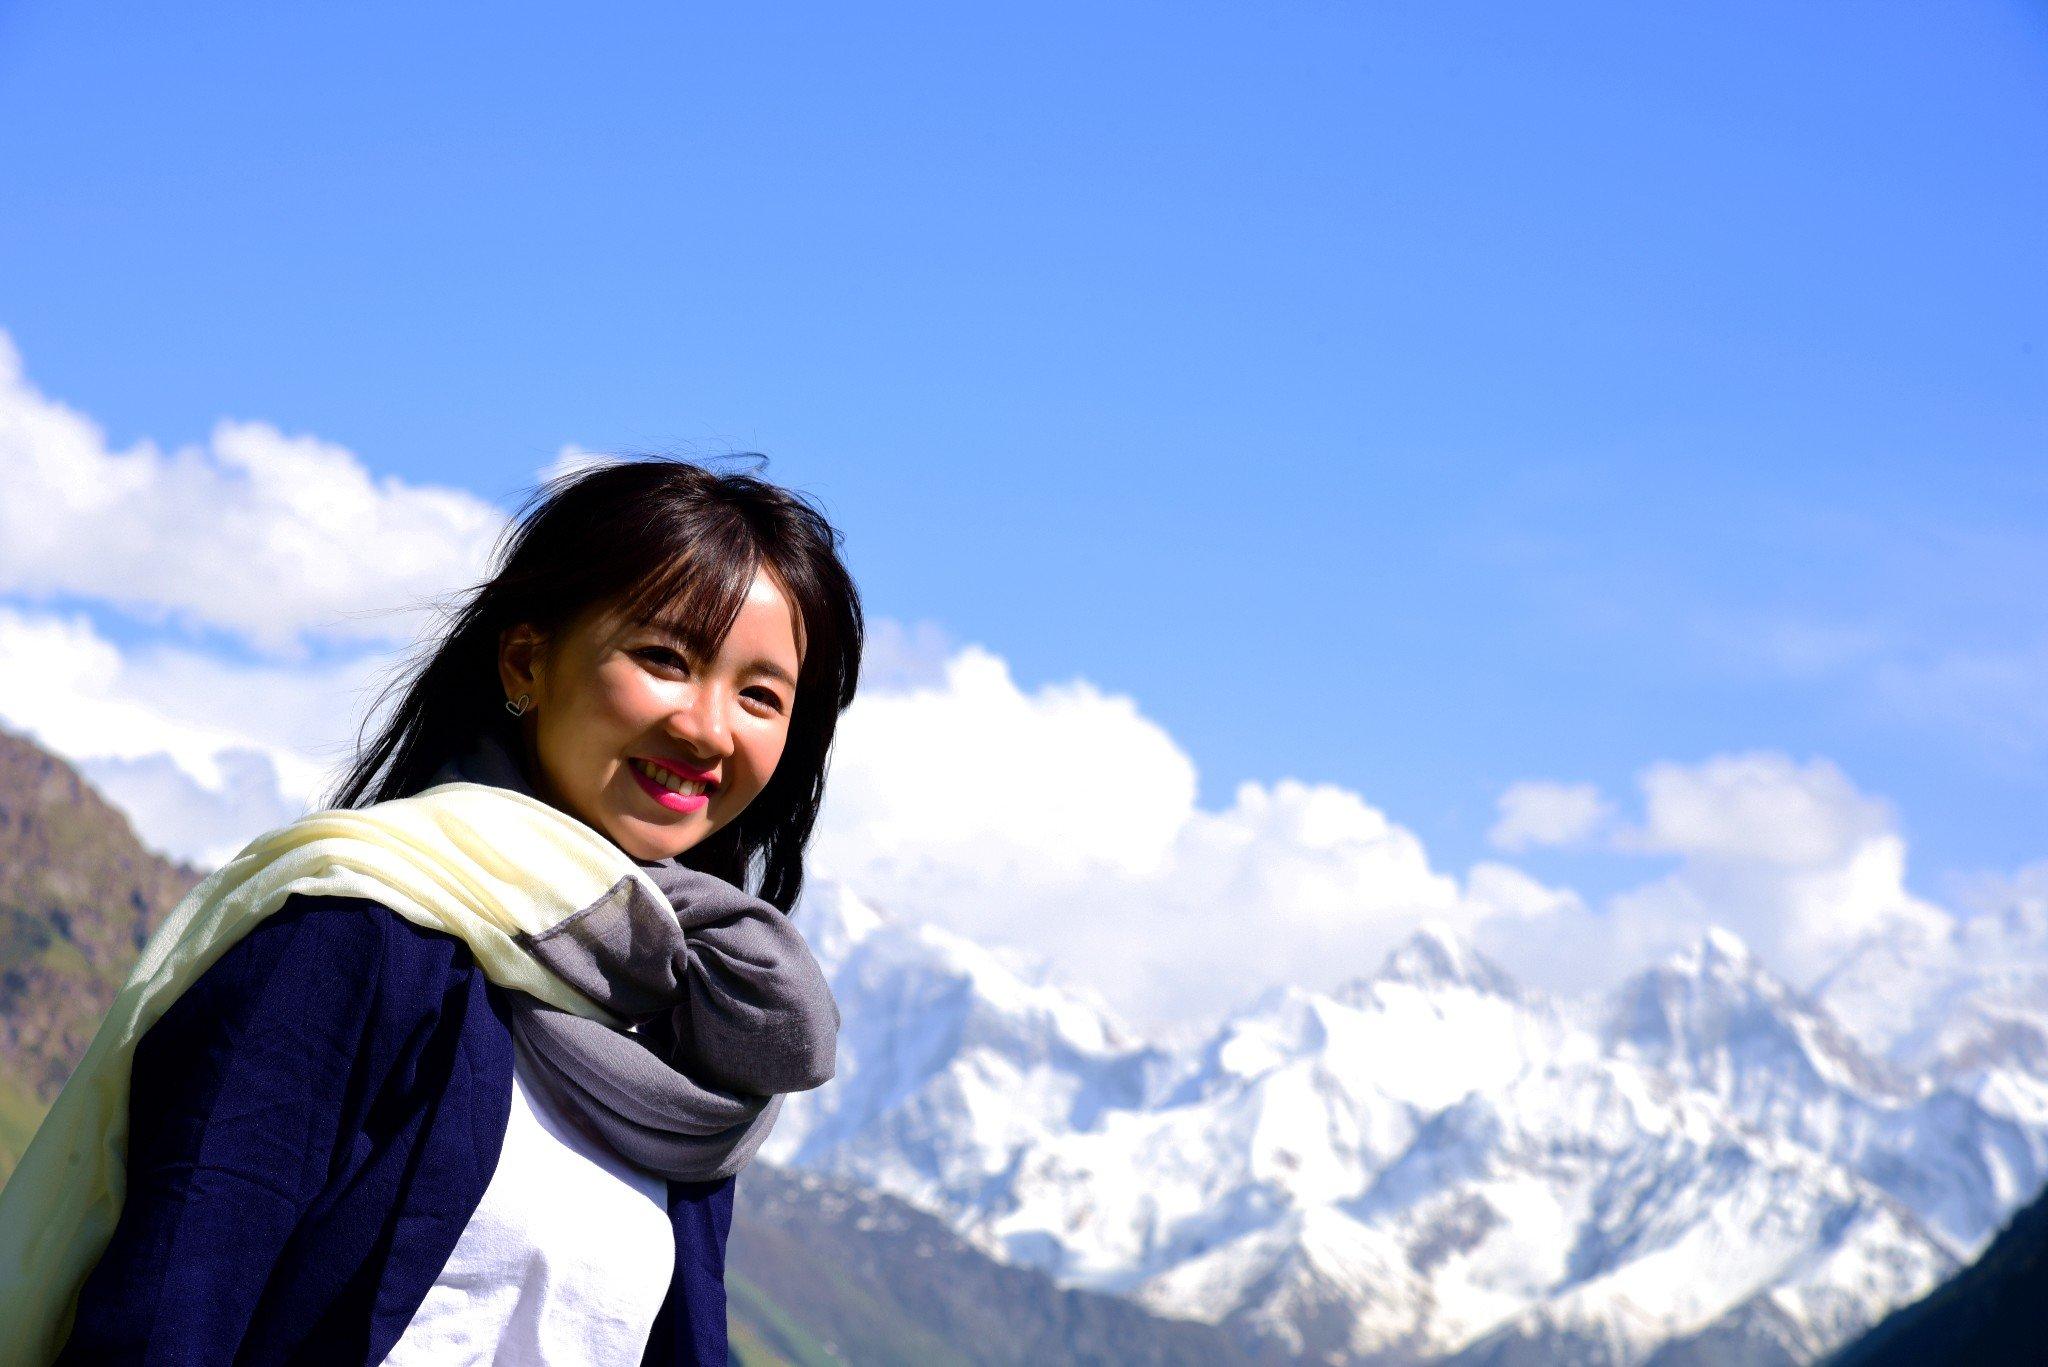 2019夏塔旅游区游玩还是,这座攻略雪山挺美的乌镇杭州上海苏州自助游攻略图片